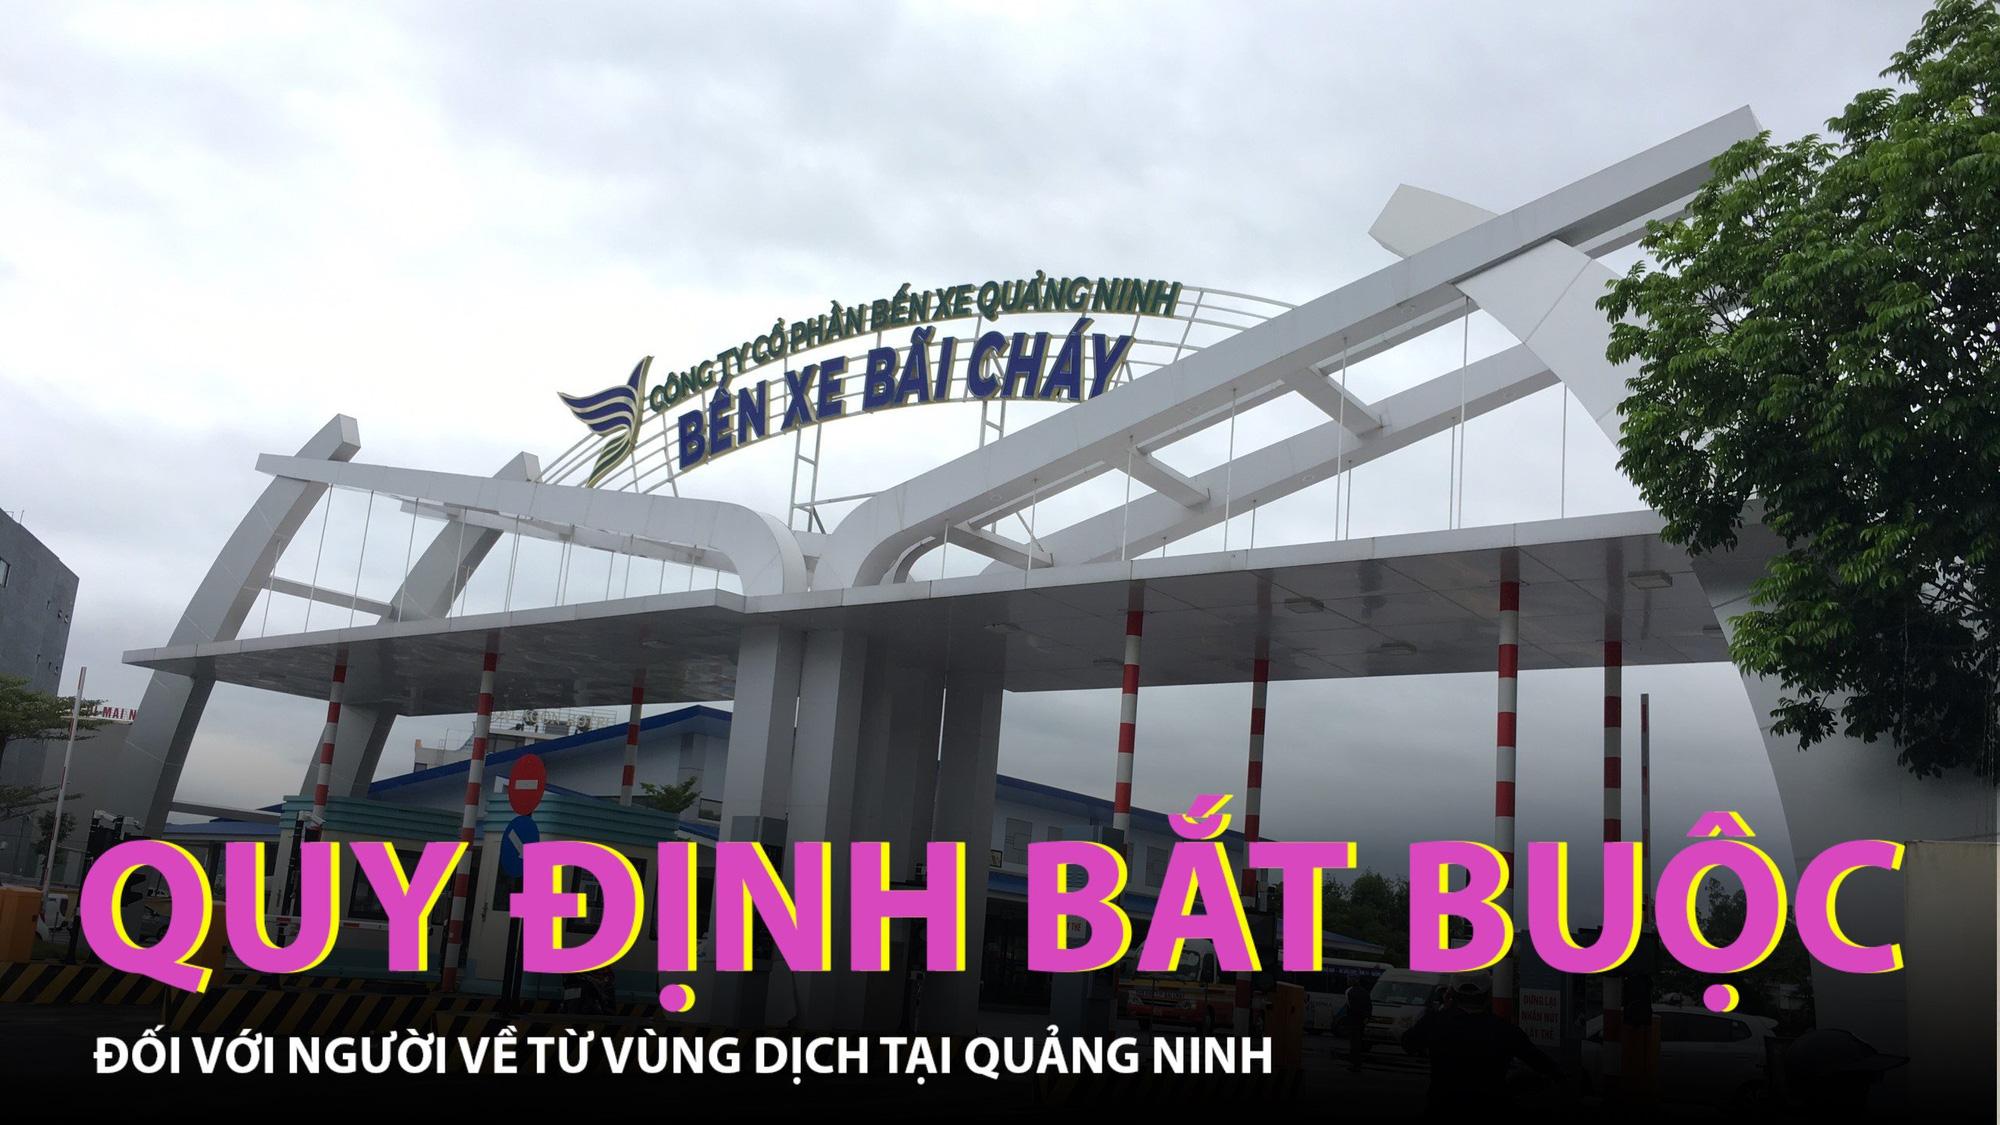 Quy định bắt buộc với người về từ vùng dịch tại tỉnh Quảng Ninh